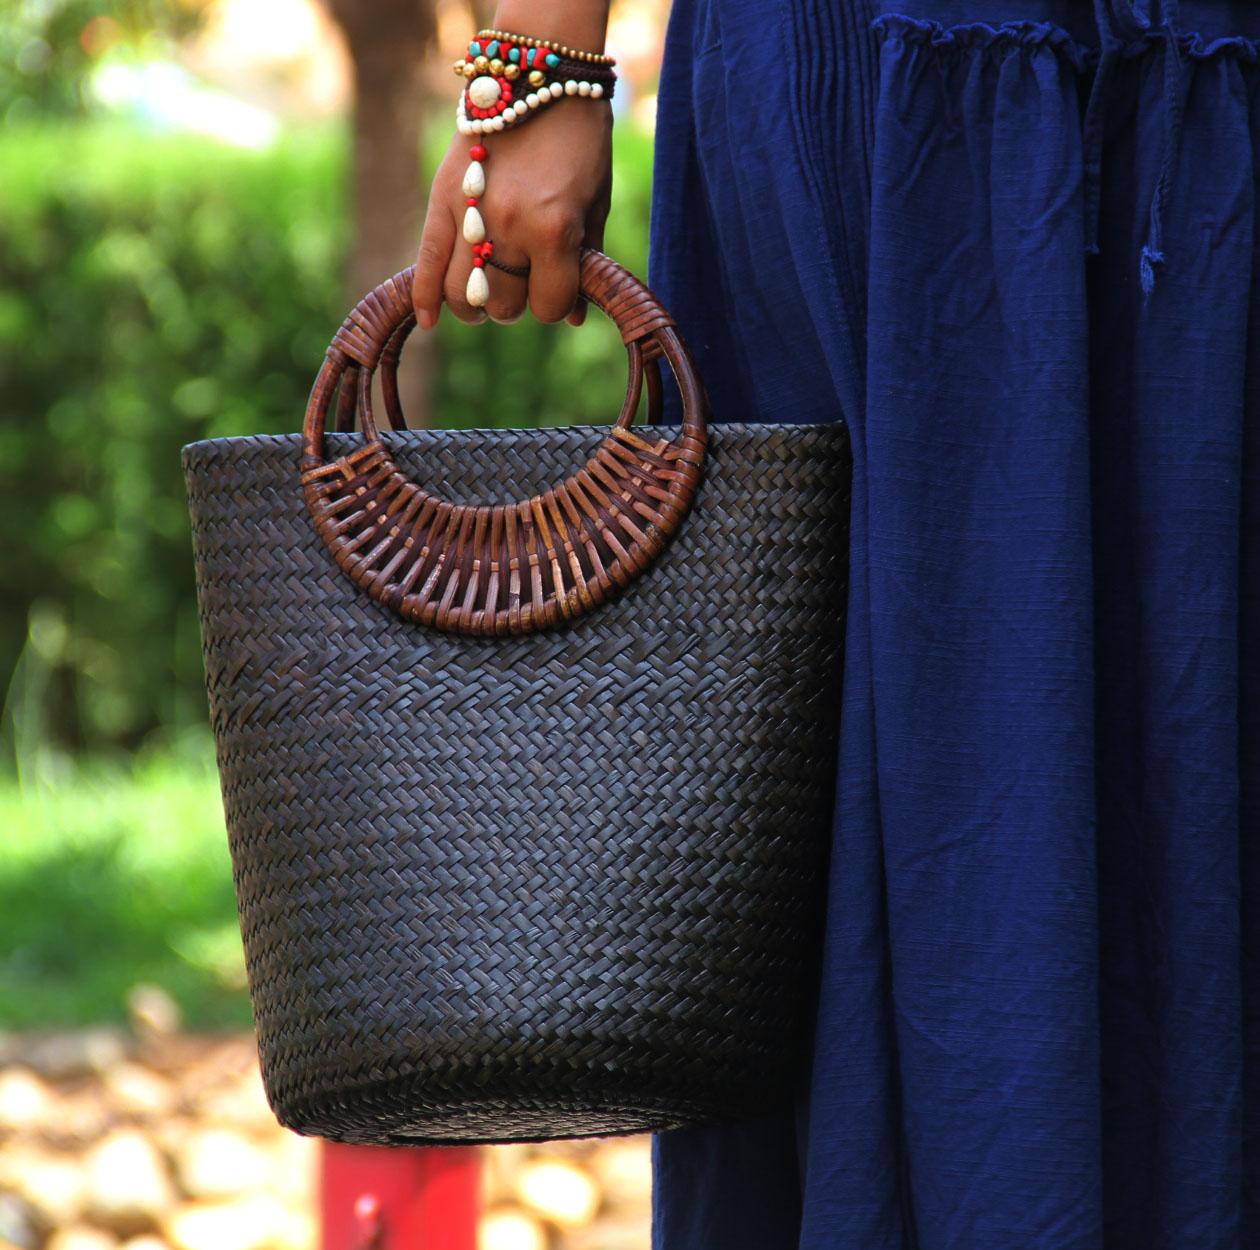 原創中式特色手工做舊草編包藤編木柄復古手提包編織 水桶包